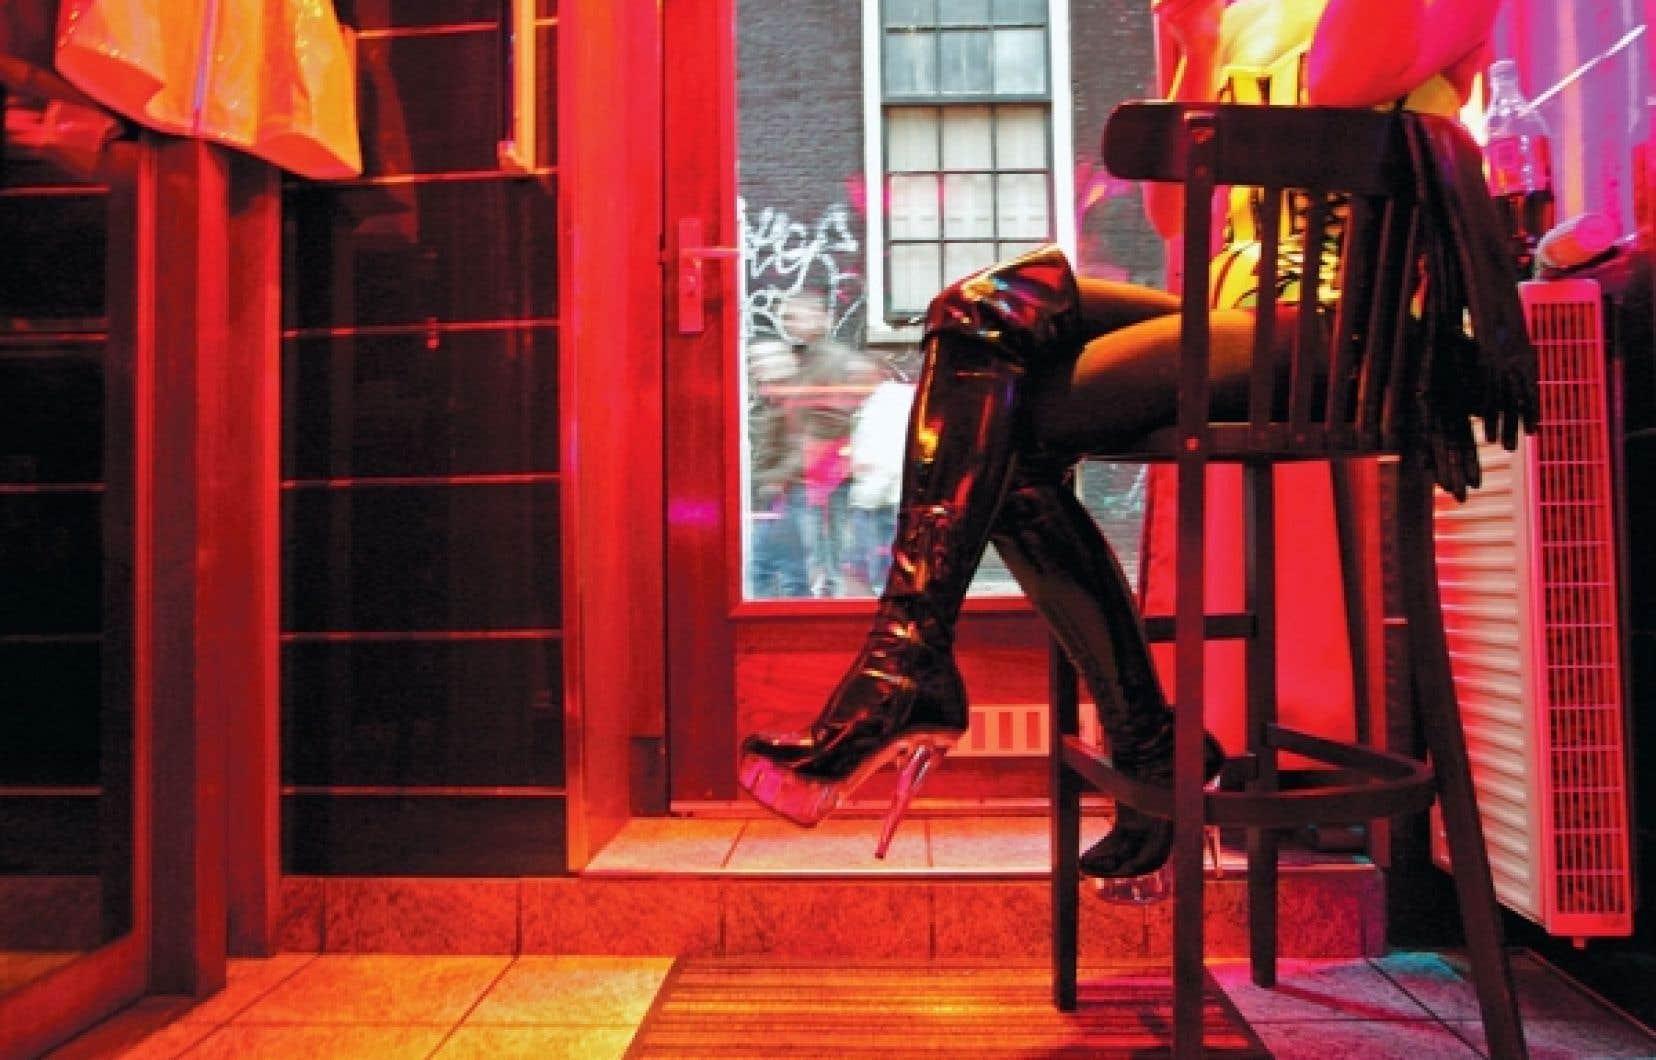 Le régime juridique encadrant la prostitution a des conséquences importantes : aux Pays-Bas, pays qui a légalisé la prostitution en 1999, de 60 à 66 % des hommes auraient payé pour un rapport sexuel. Au Canada, ce serait un homme sur neuf, soit 11,1 %.